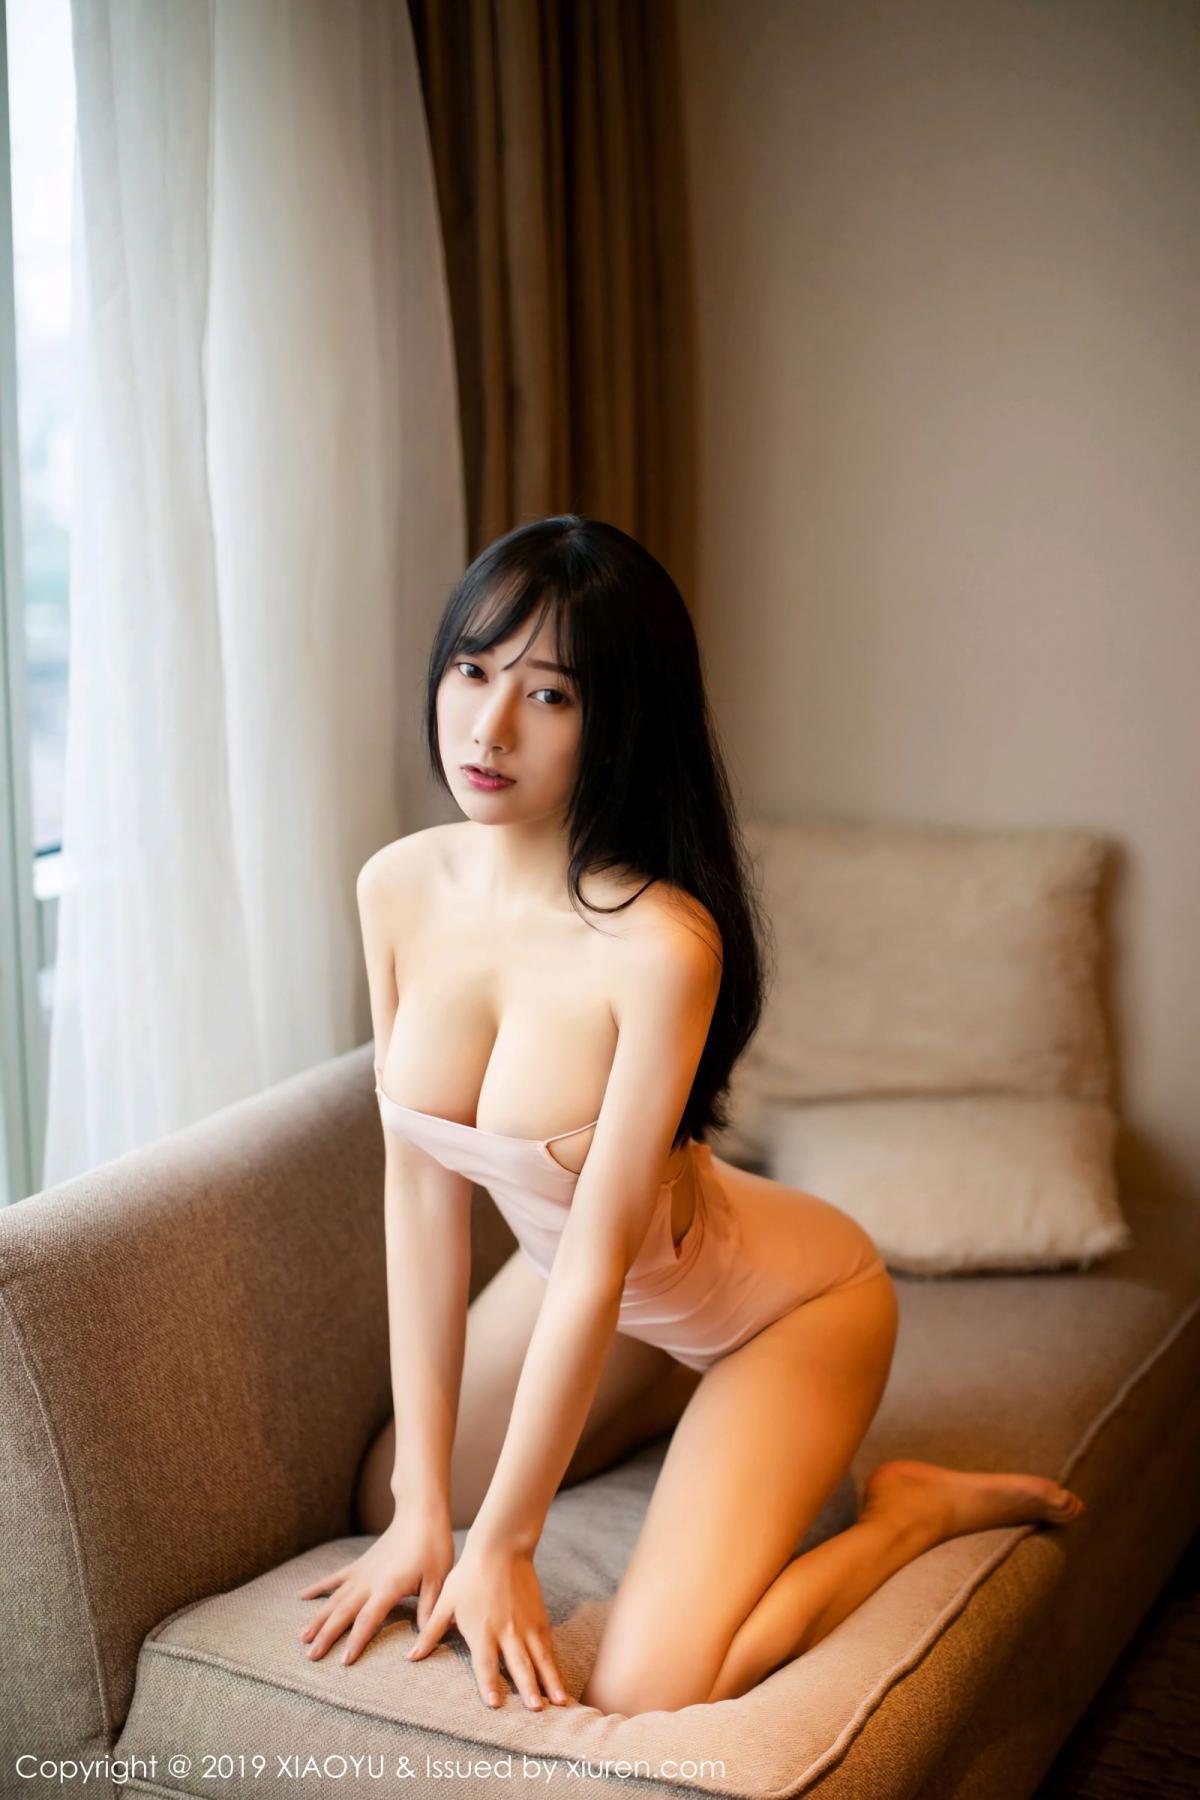 [XiaoYu] Vol.097 He Jia Ying 45P, He Jia Ying, Tall, XiaoYu